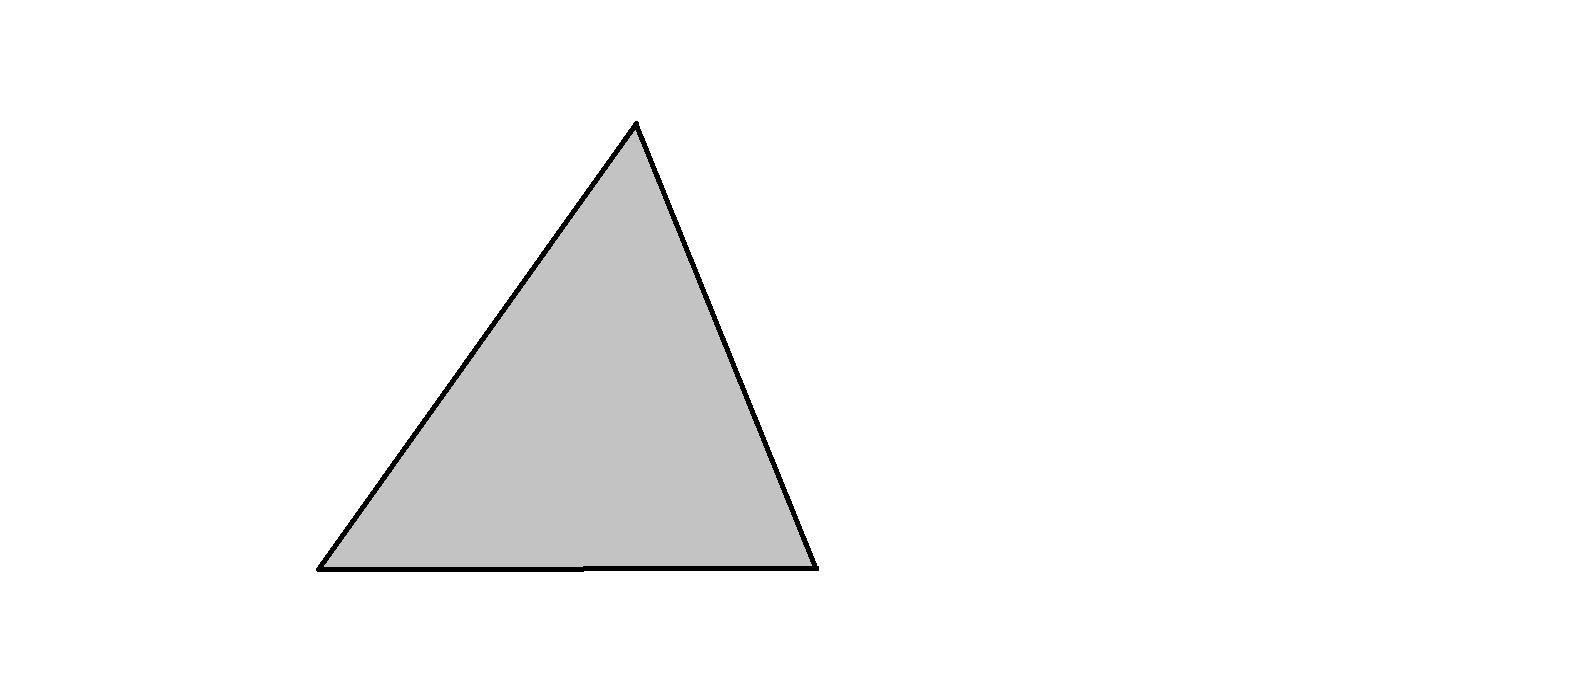 中位线定理 数学的重点知识